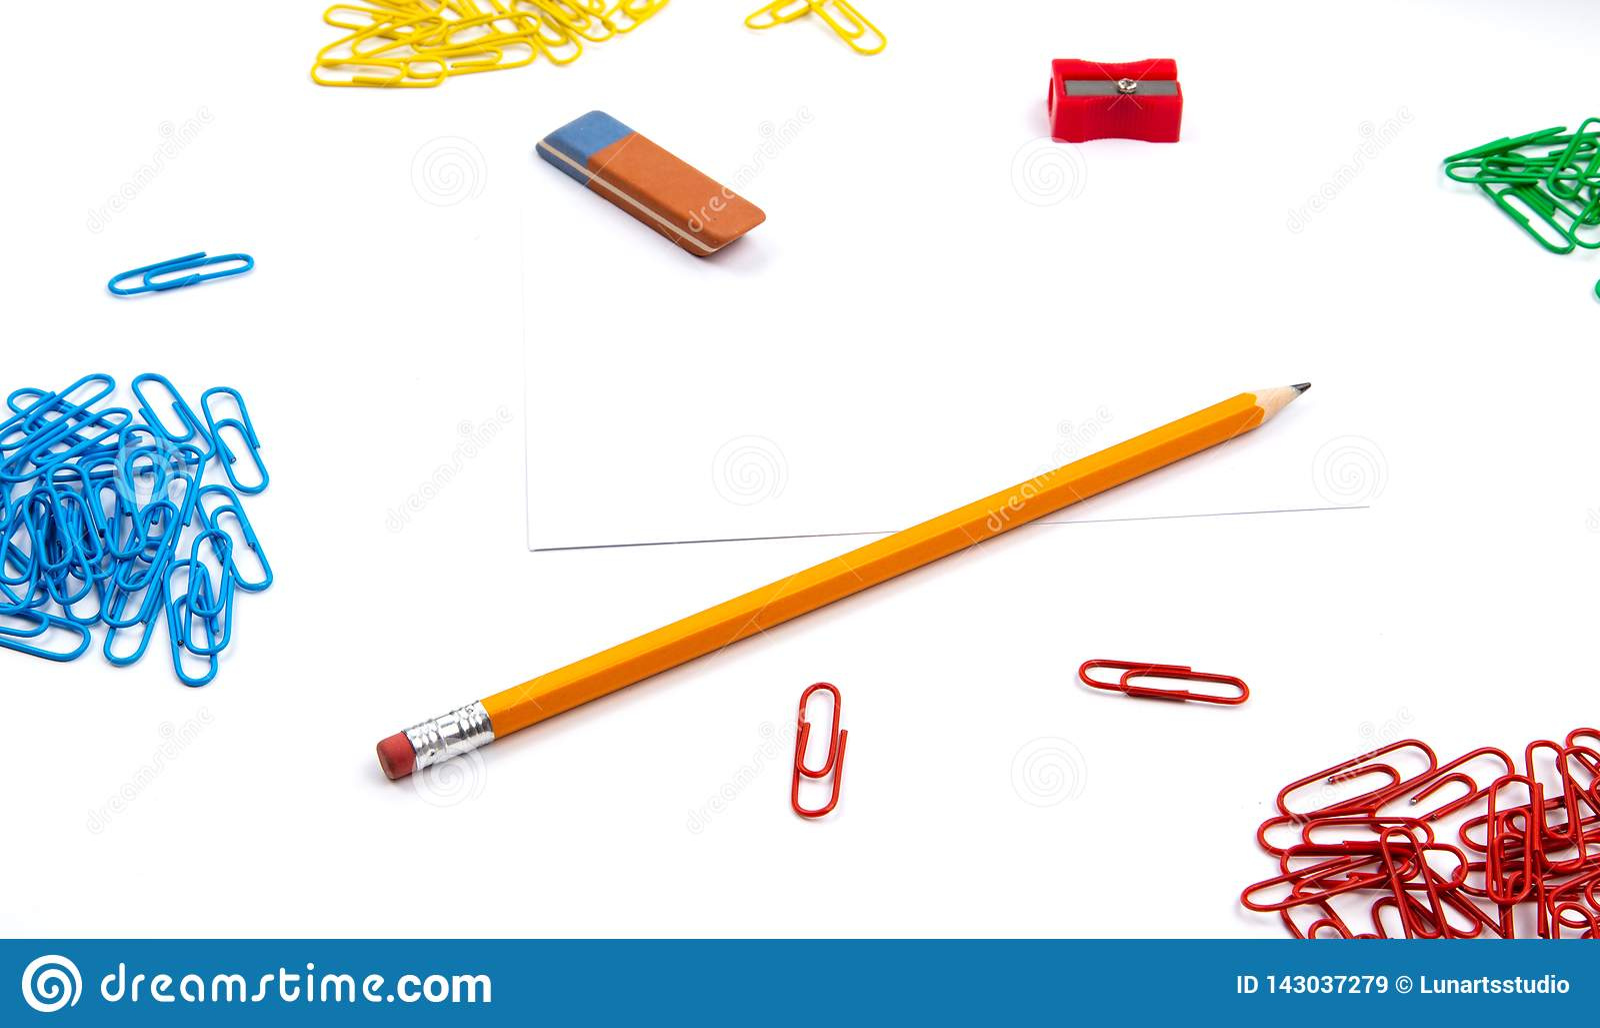 Το μολύβι, γόμα, sharpener, συνδετήρες εγγράφου βρίσκεται στις διαφορετικές γωνίες του φύλλου σε ένα άσπρο υπόβαθρο Εικόνα ηρώων